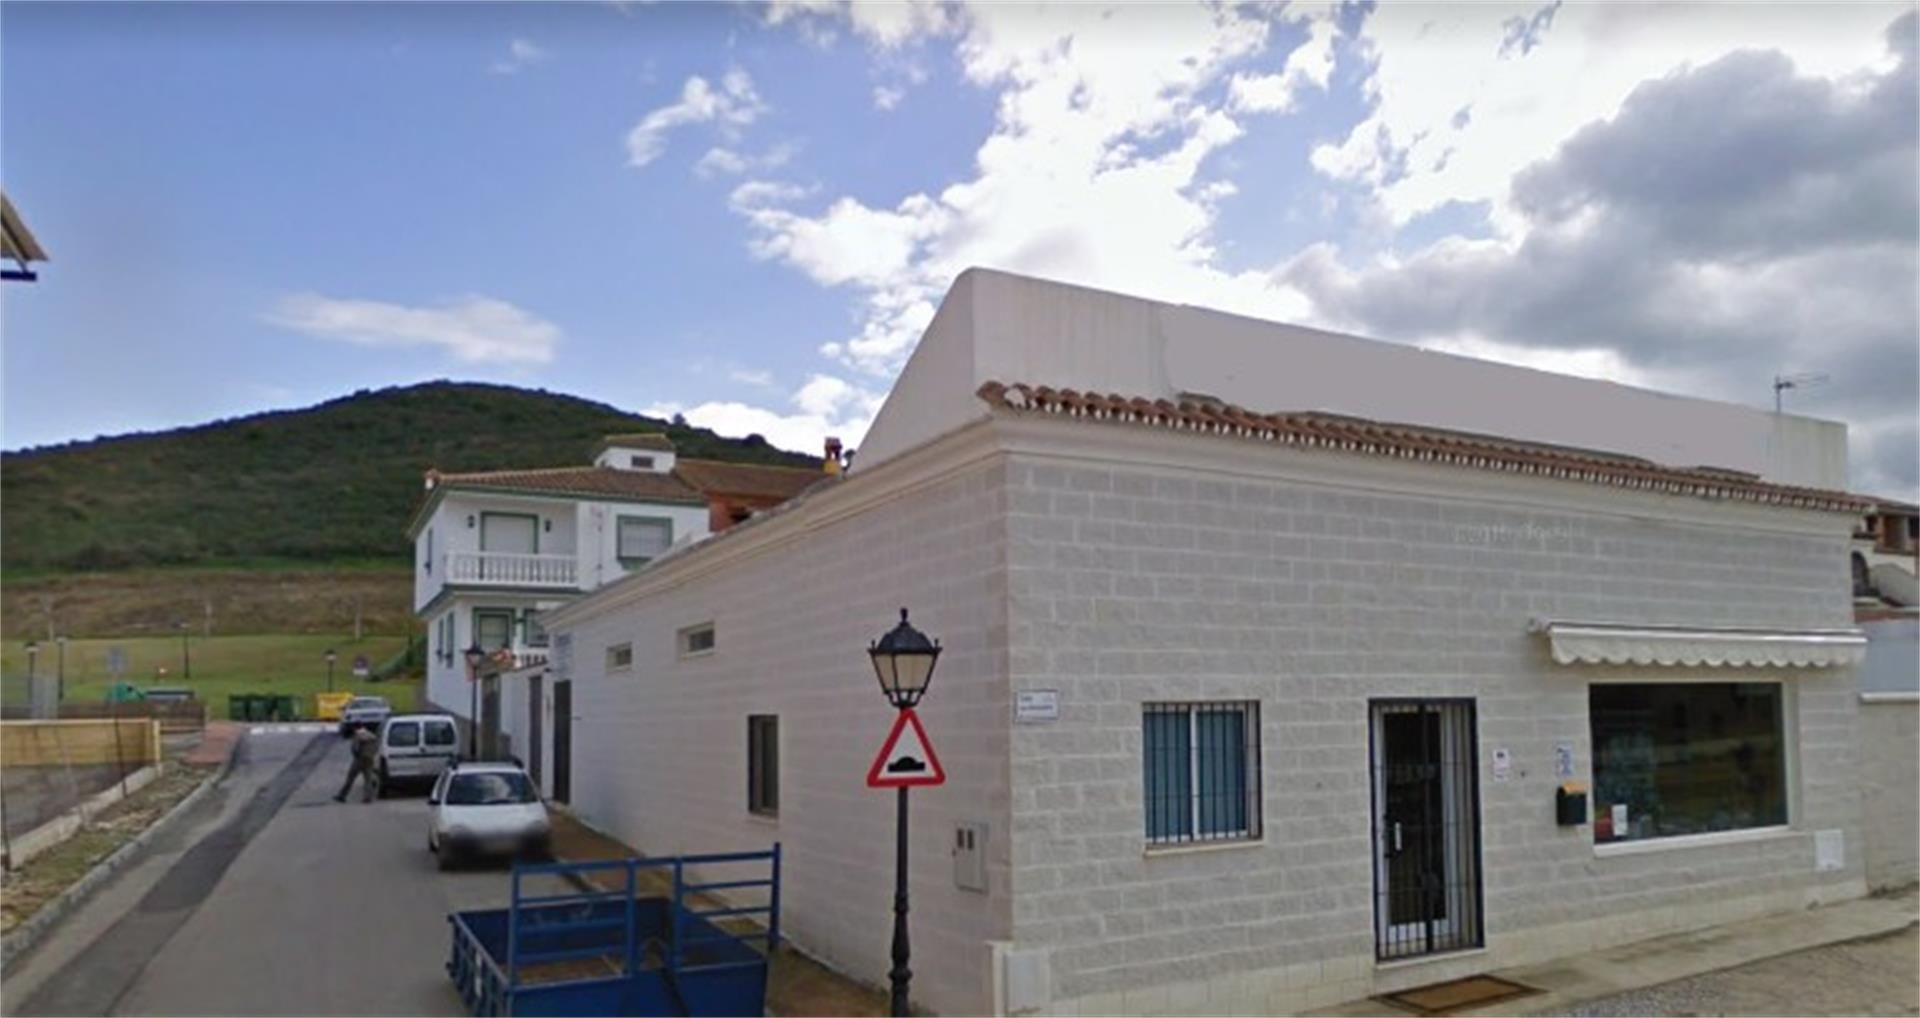 Local de alquiler en Calle Los Almendros, 1, Casares pueblo (Casares, Málaga)